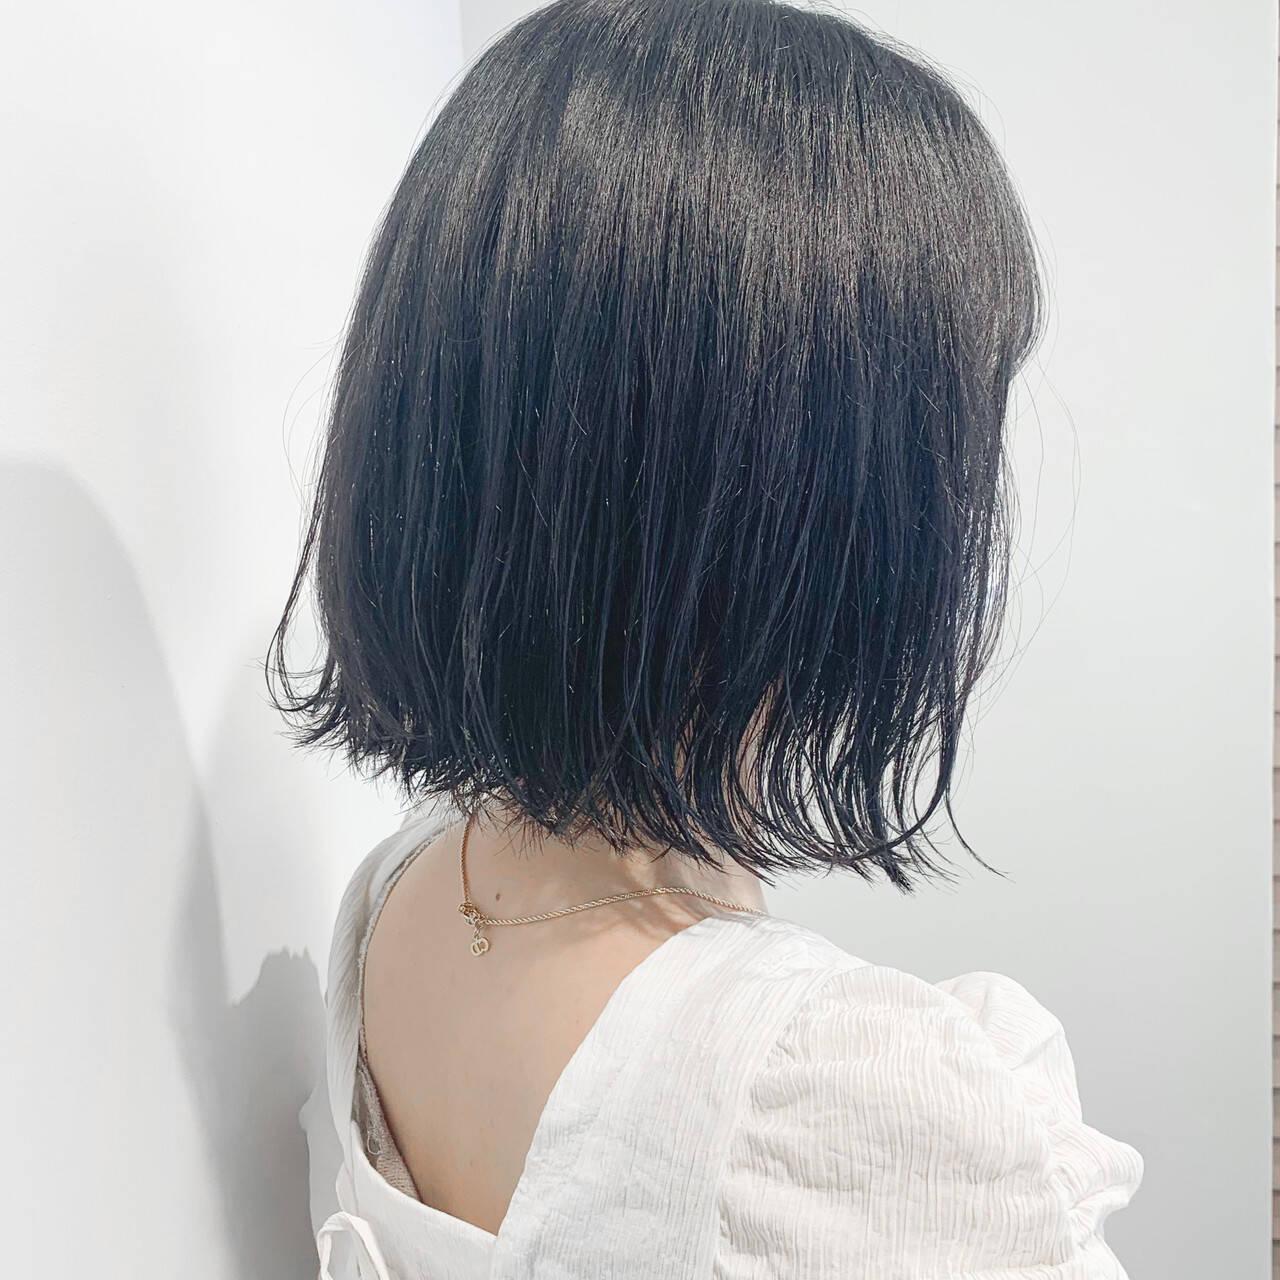 ウルフカット ナチュラル ボブ ショートヘアヘアスタイルや髪型の写真・画像